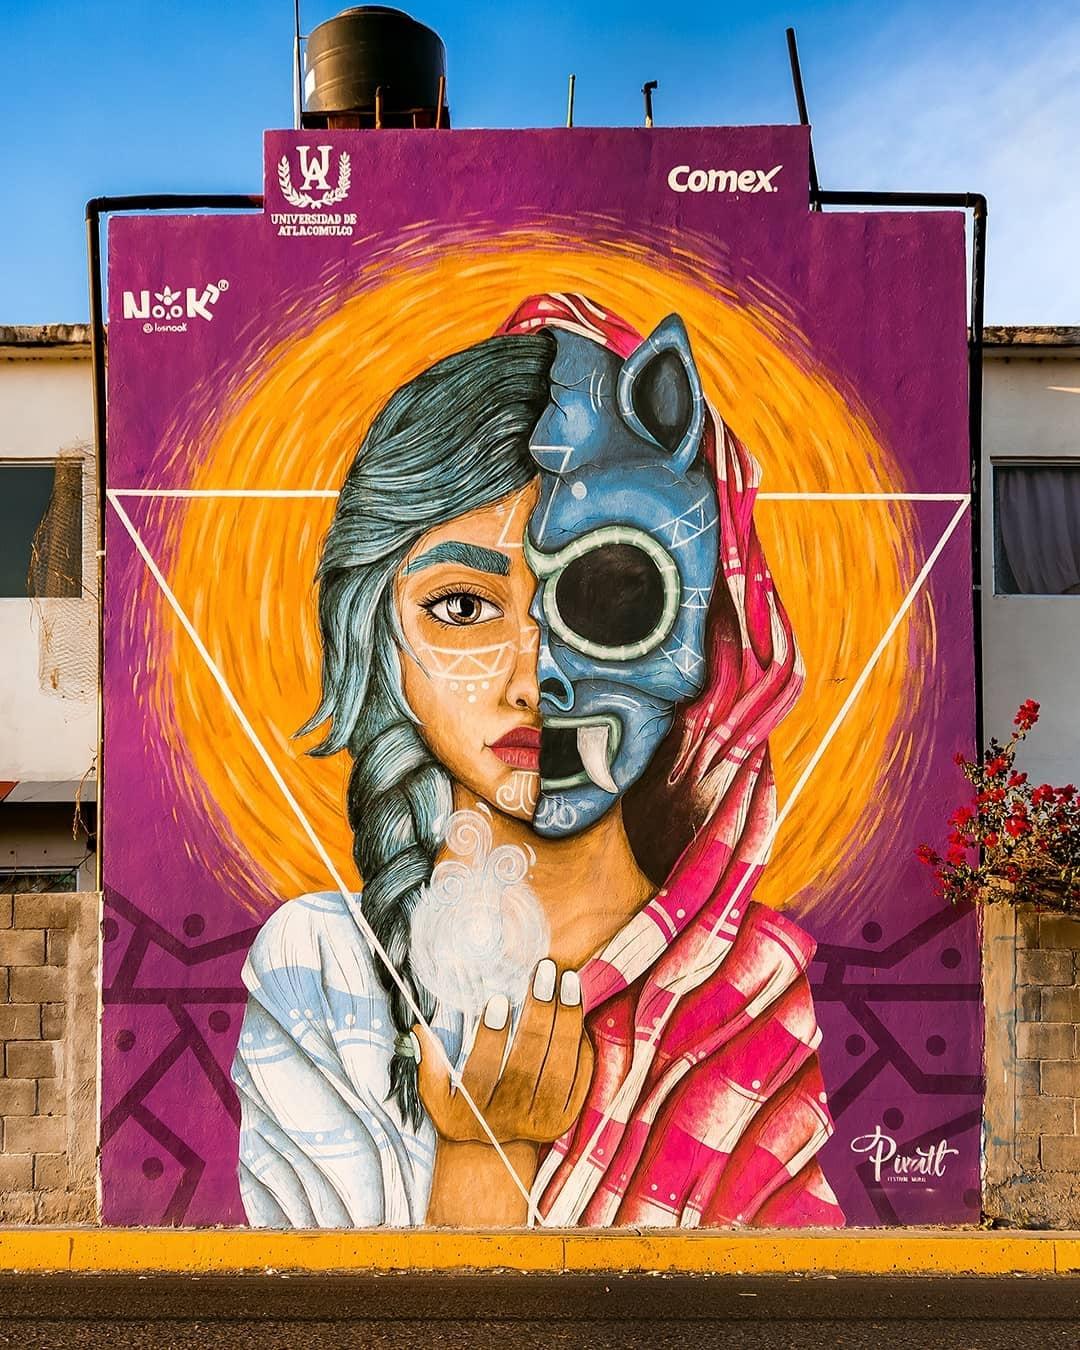 Nook' @ Atlamoculco, Mexico